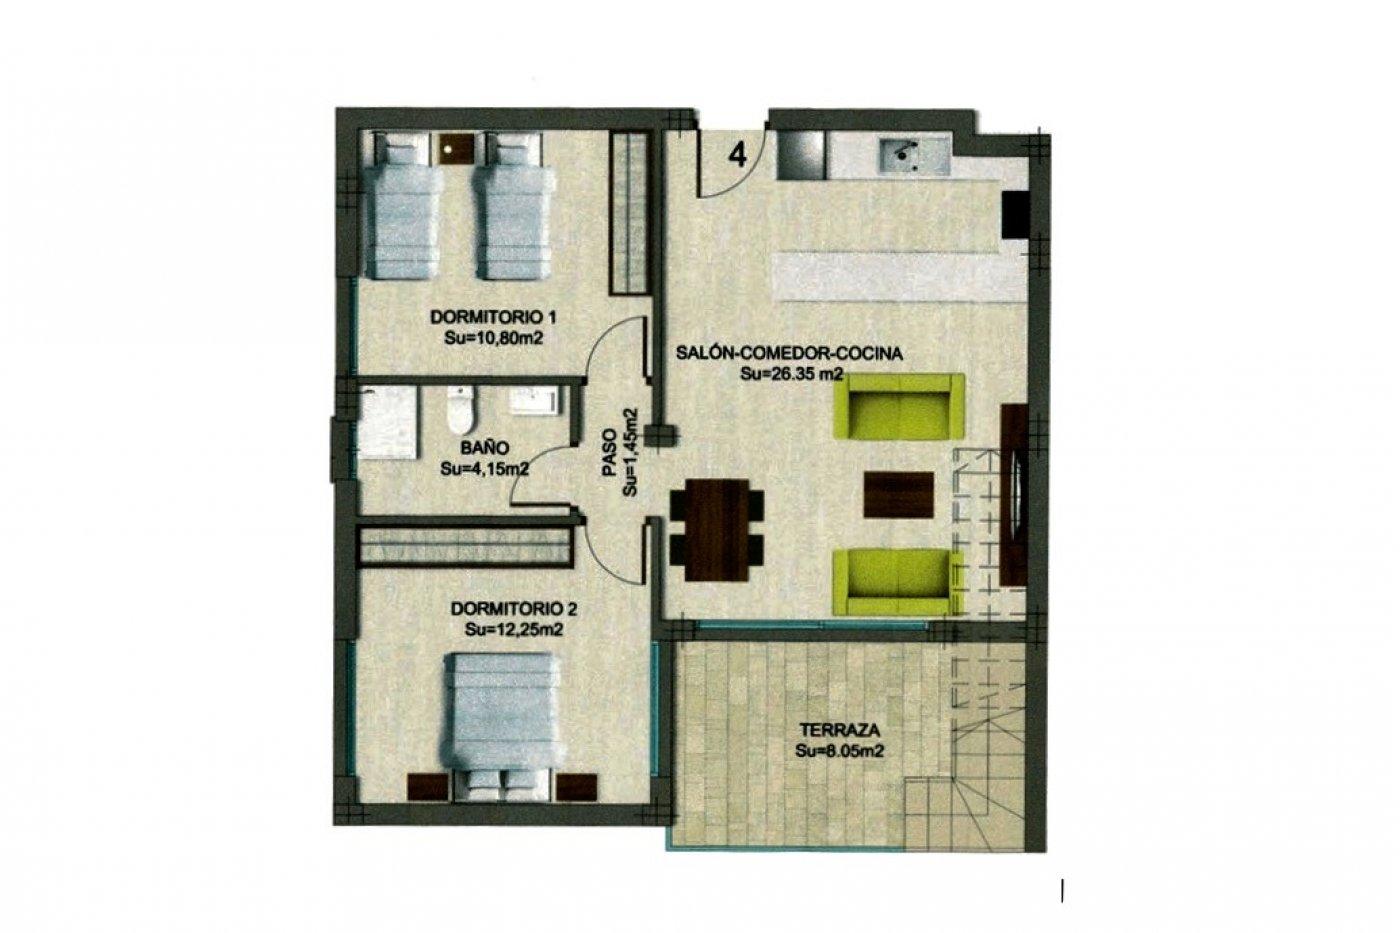 Imagen de la galería 2 of Nuevo apartamento listo en la planta superior de 2 dormitorios a solo 2 minutos a pie de las playas,